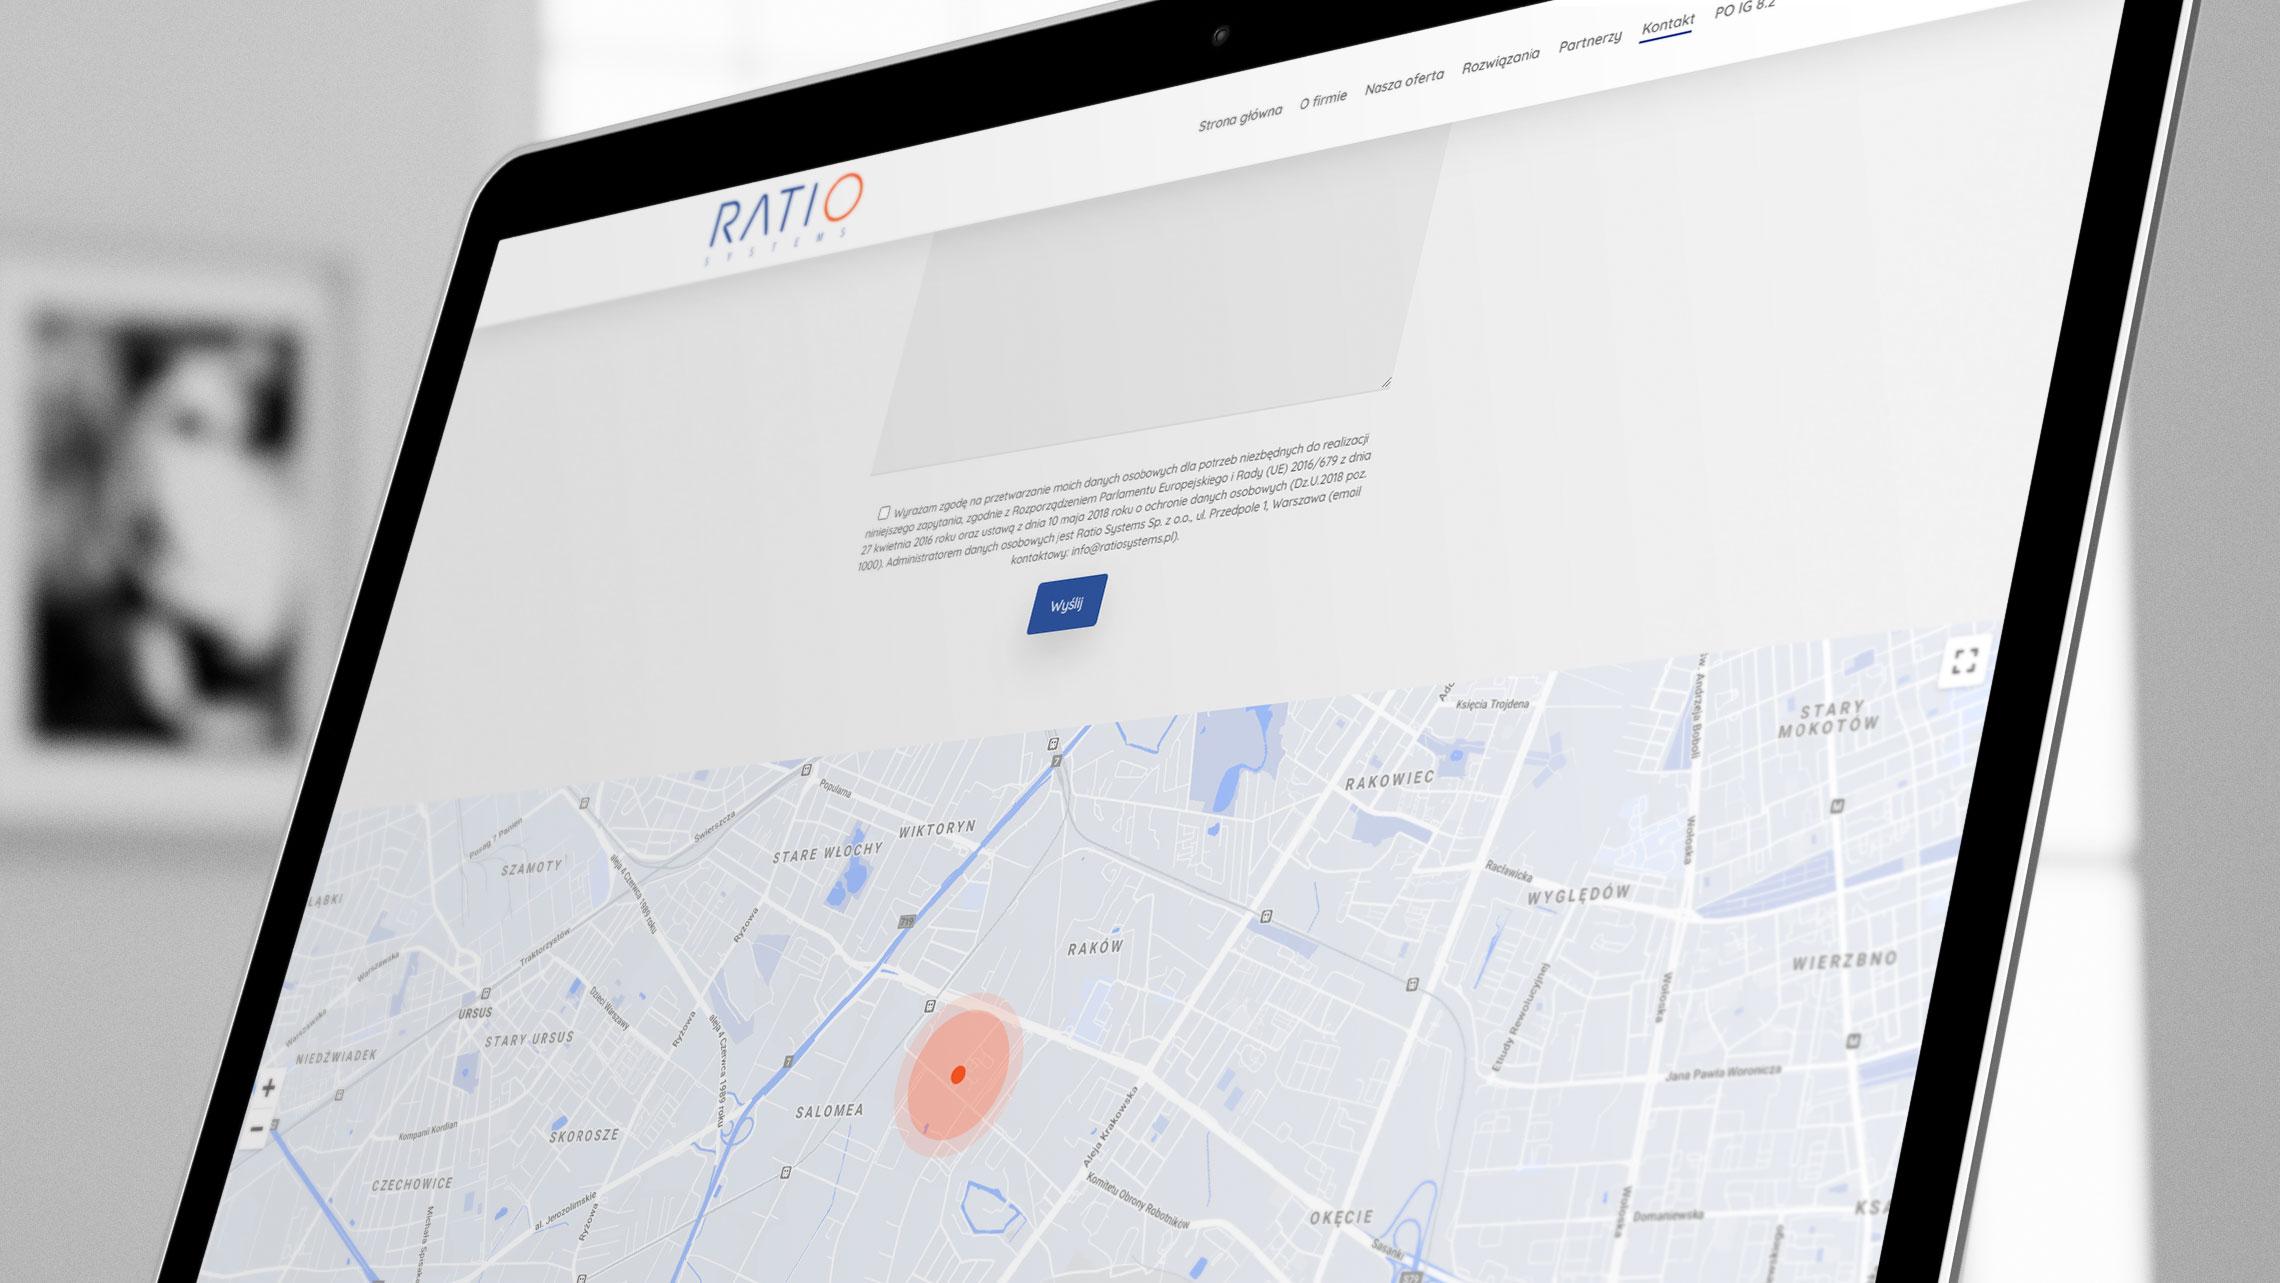 Sekcja kontakt nastronie internetowej Ratio Systems